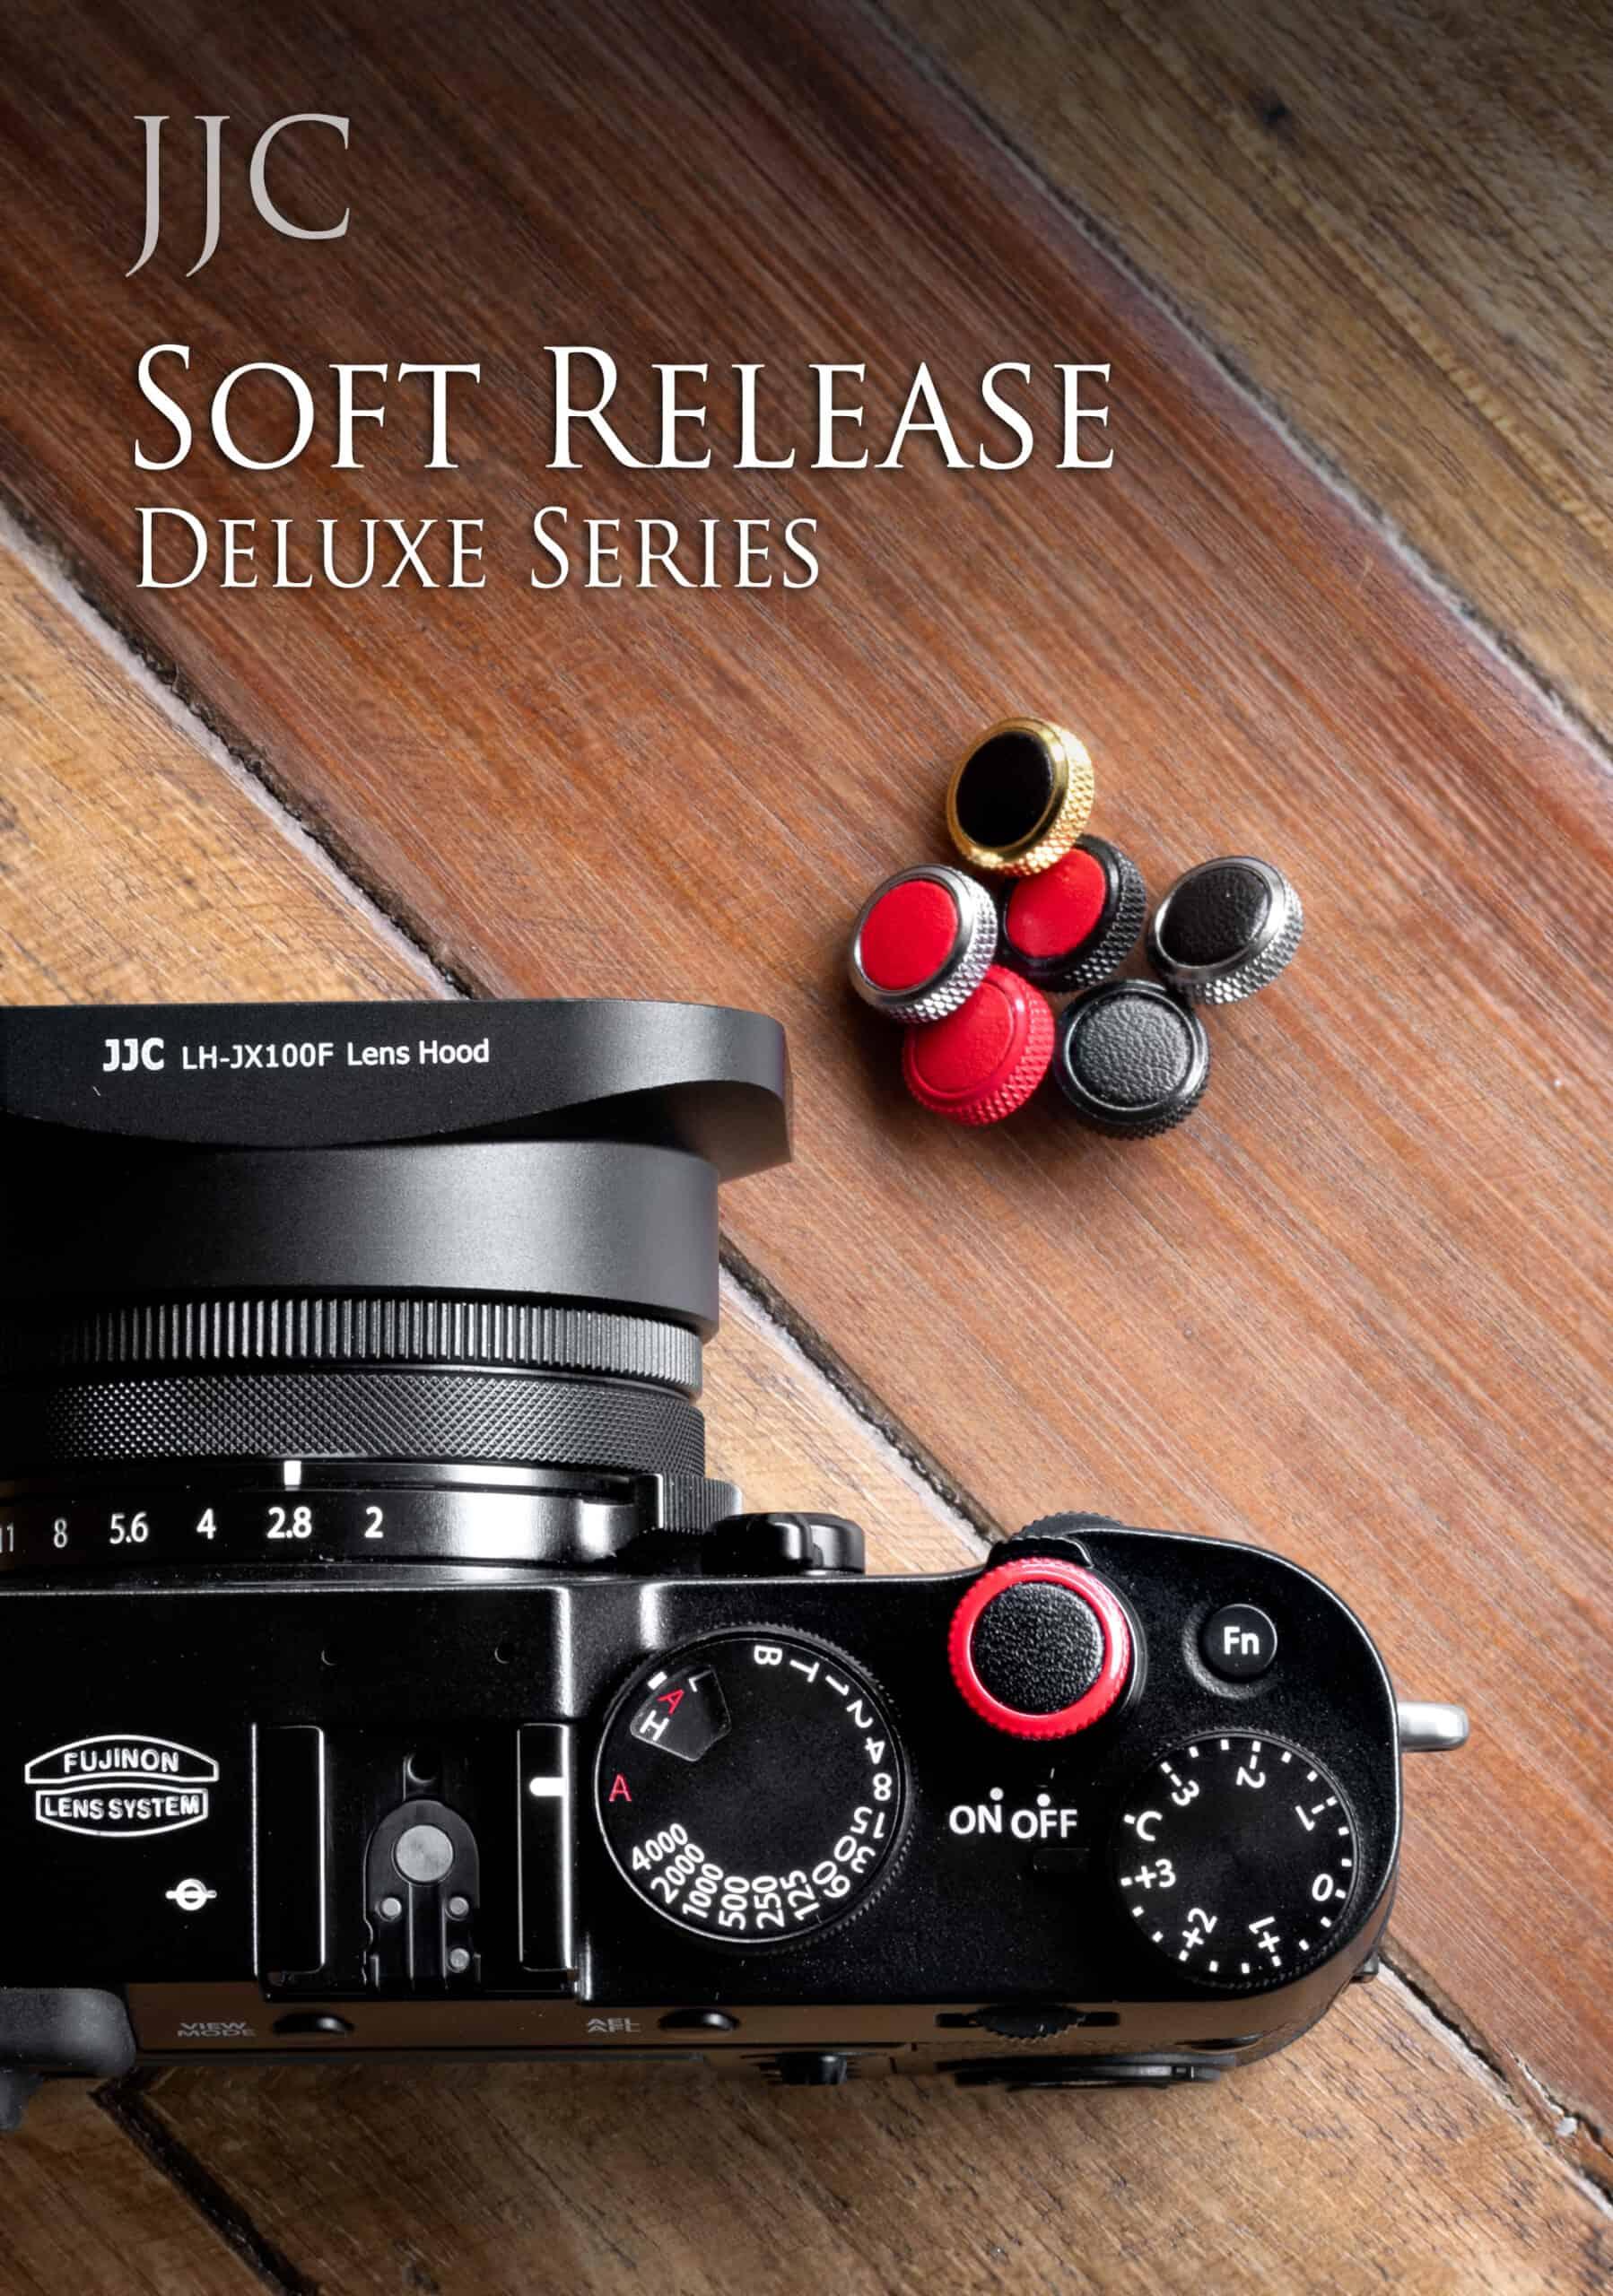 ปุ่มชัตเตอร์ JJC Soft Release